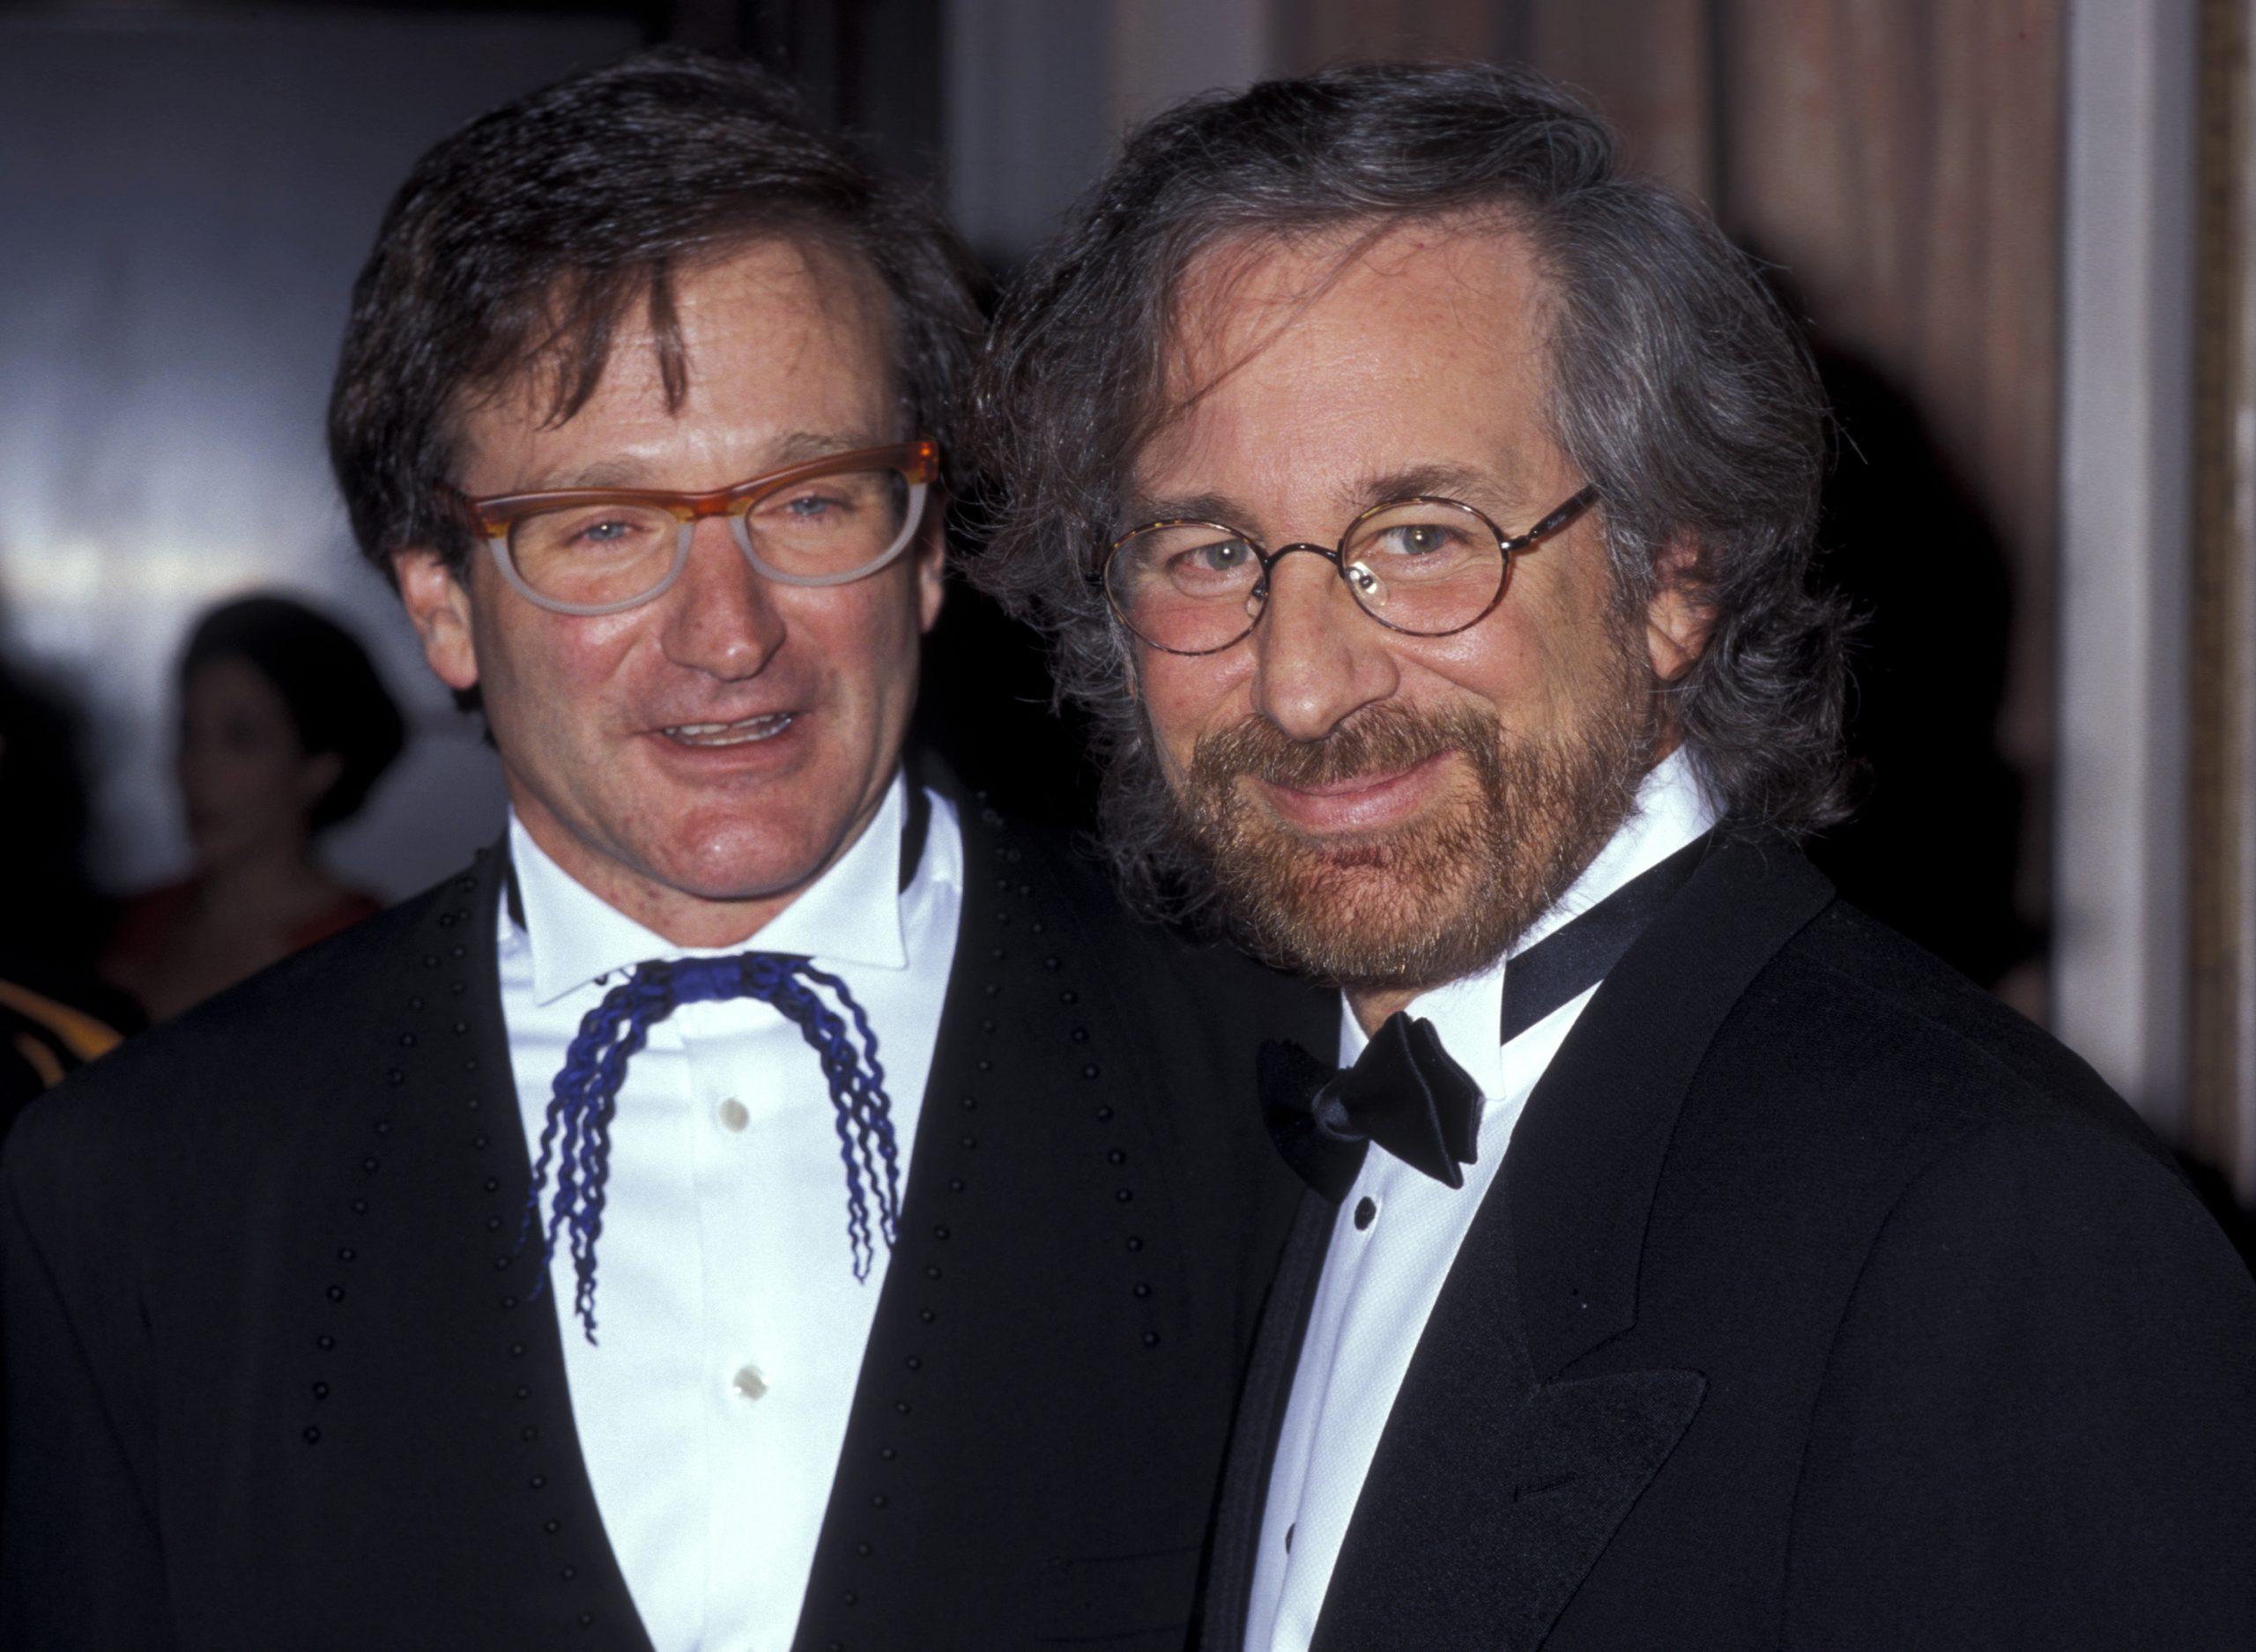 Steven Spielberg and Robin Williams